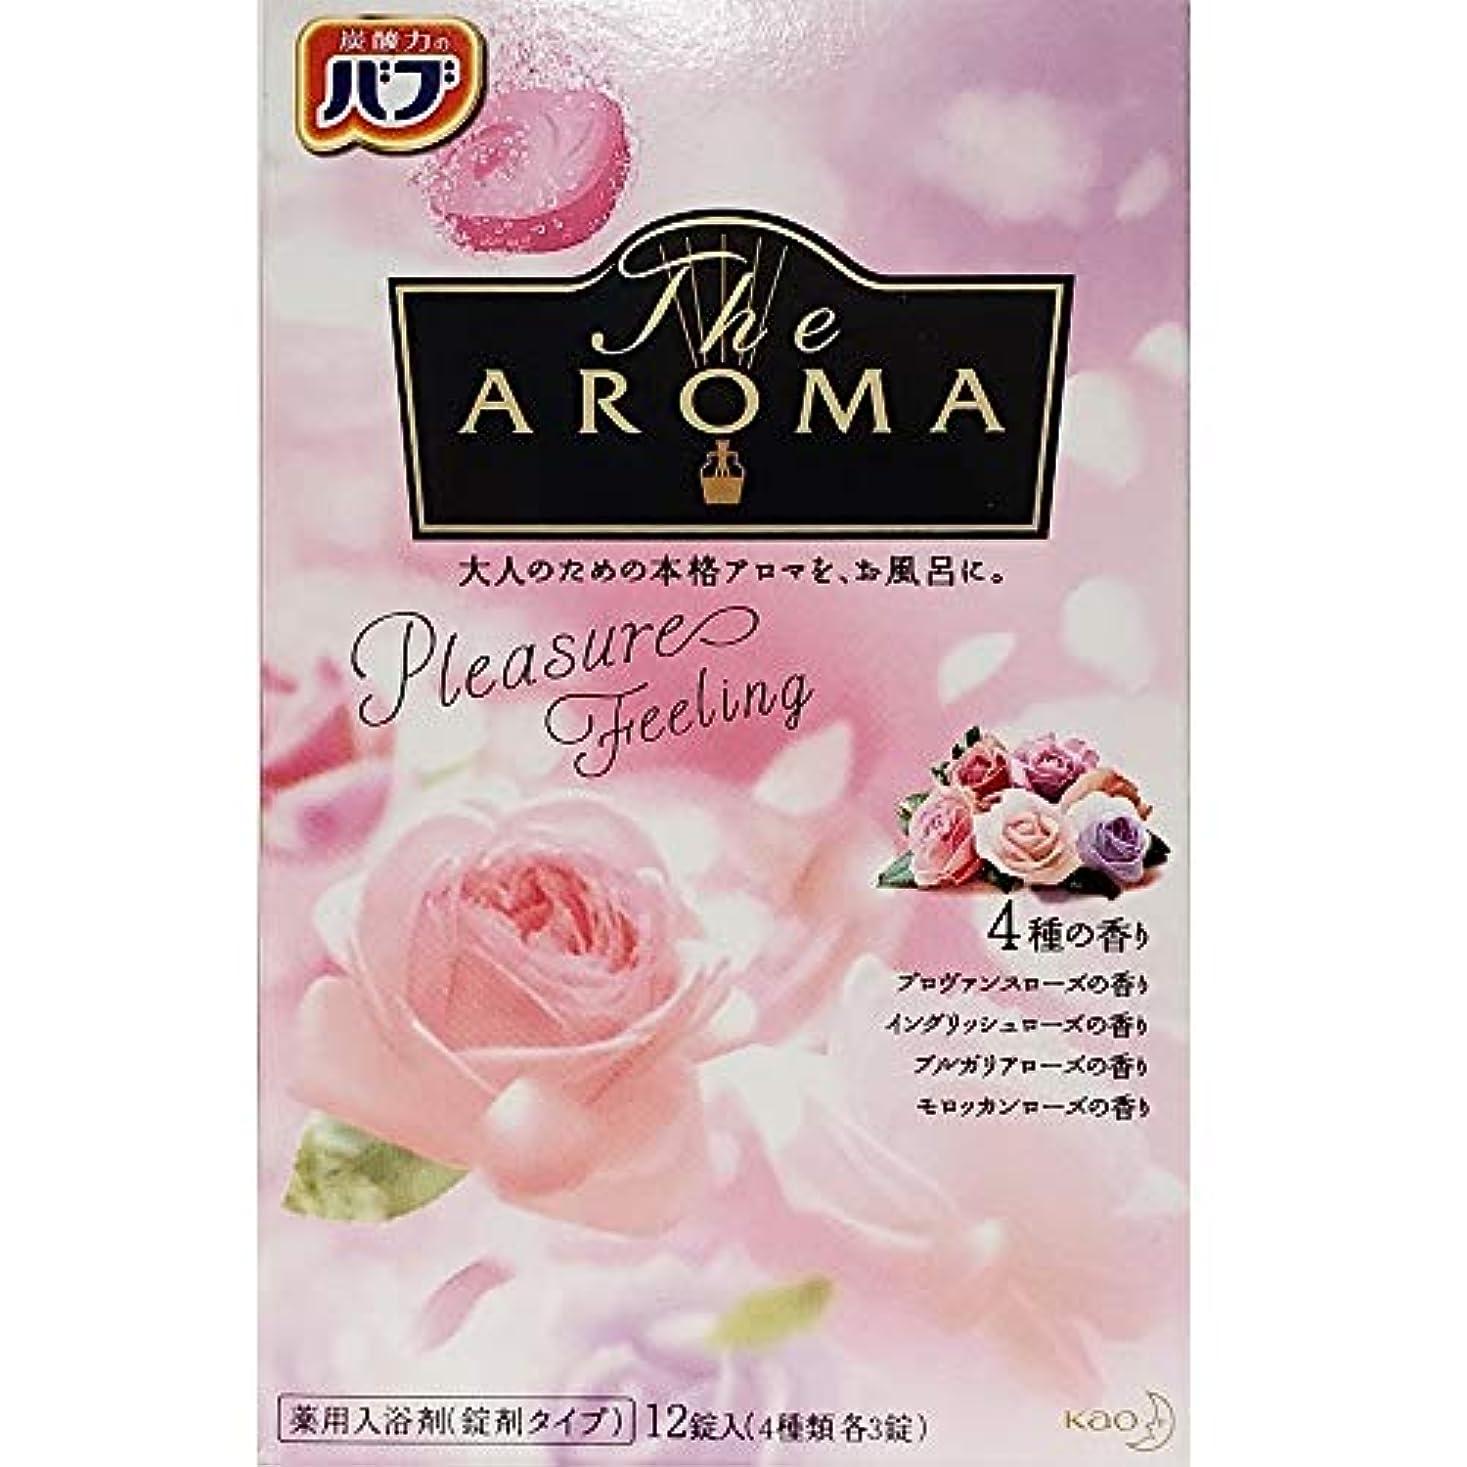 トランクライブラリムスタチオクラックポットバブ The Aroma Pleasure Feeling 40g×12錠(4種類 各3錠) 医薬部外品